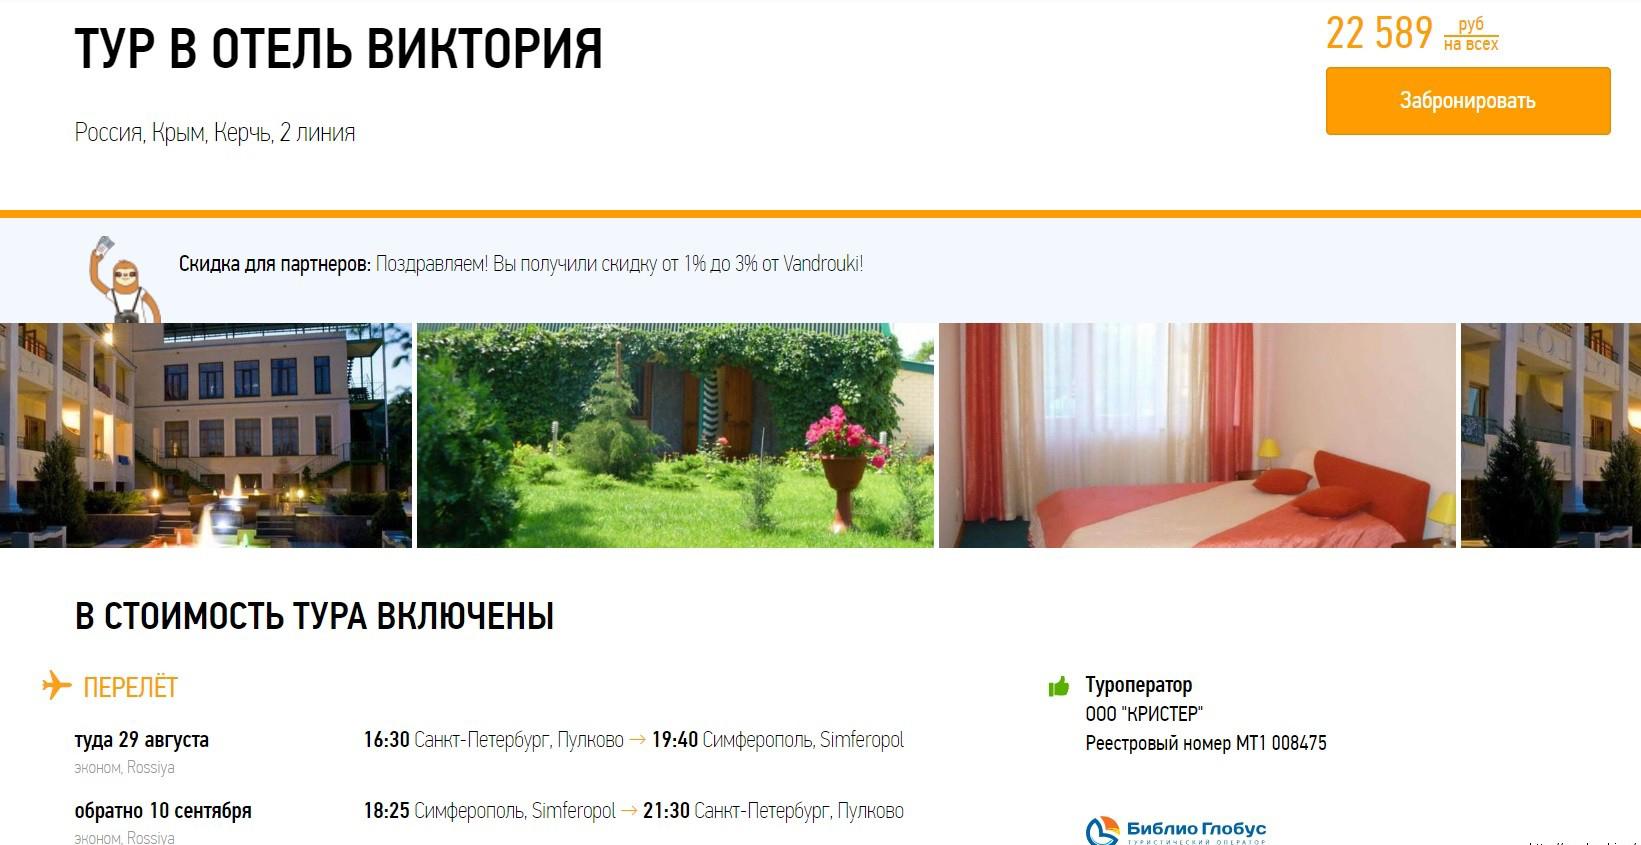 Тур в Крым из Питера